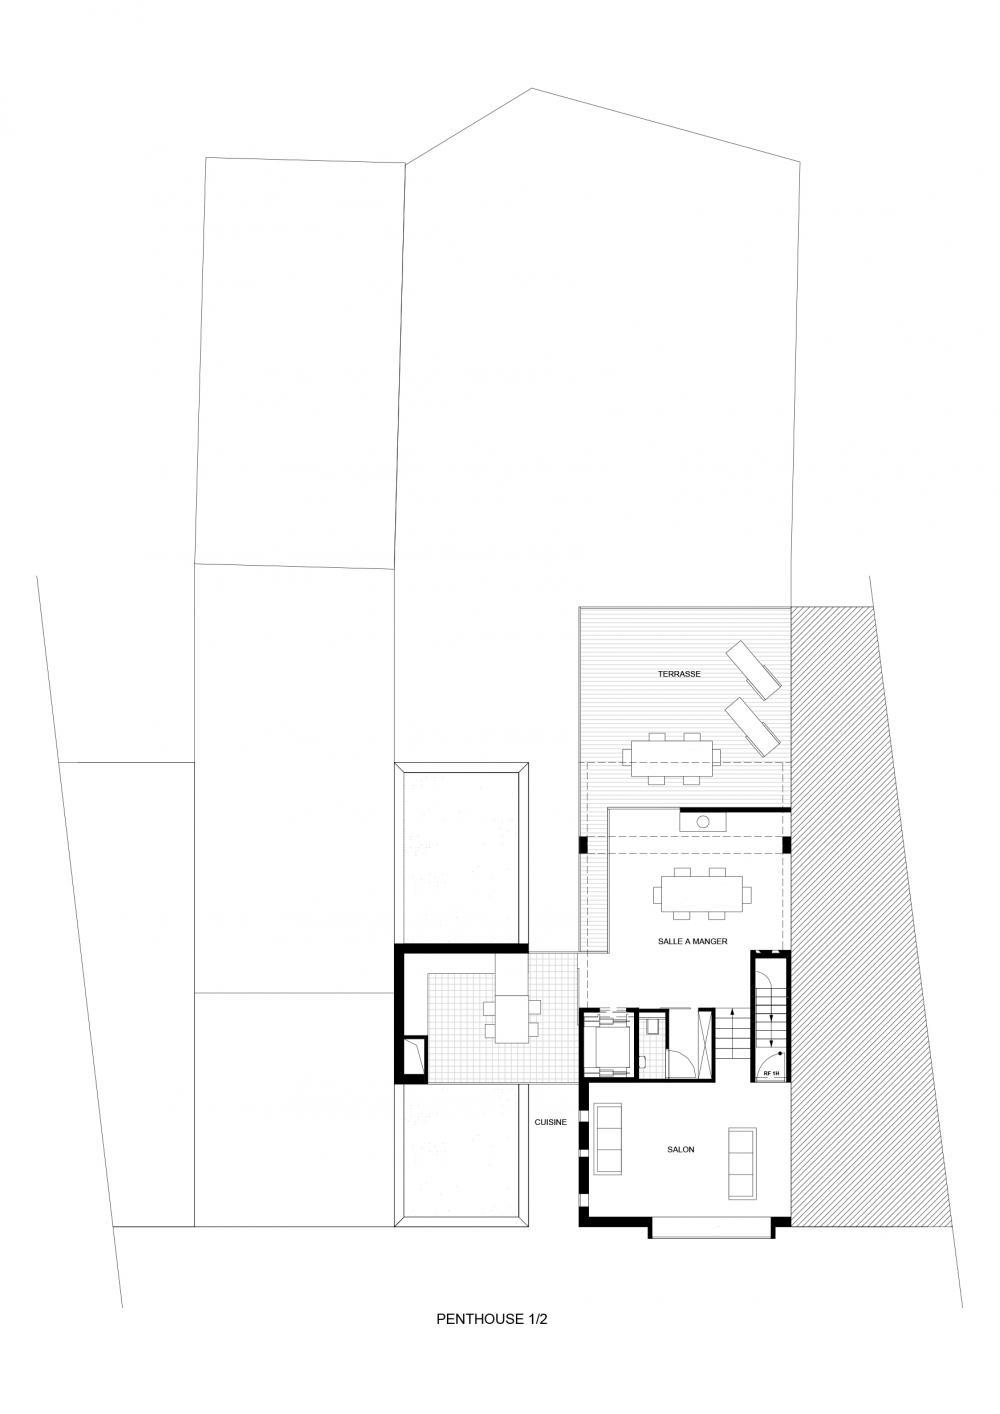 plan du niveau d'entrée du duplex des logements Hector Denis